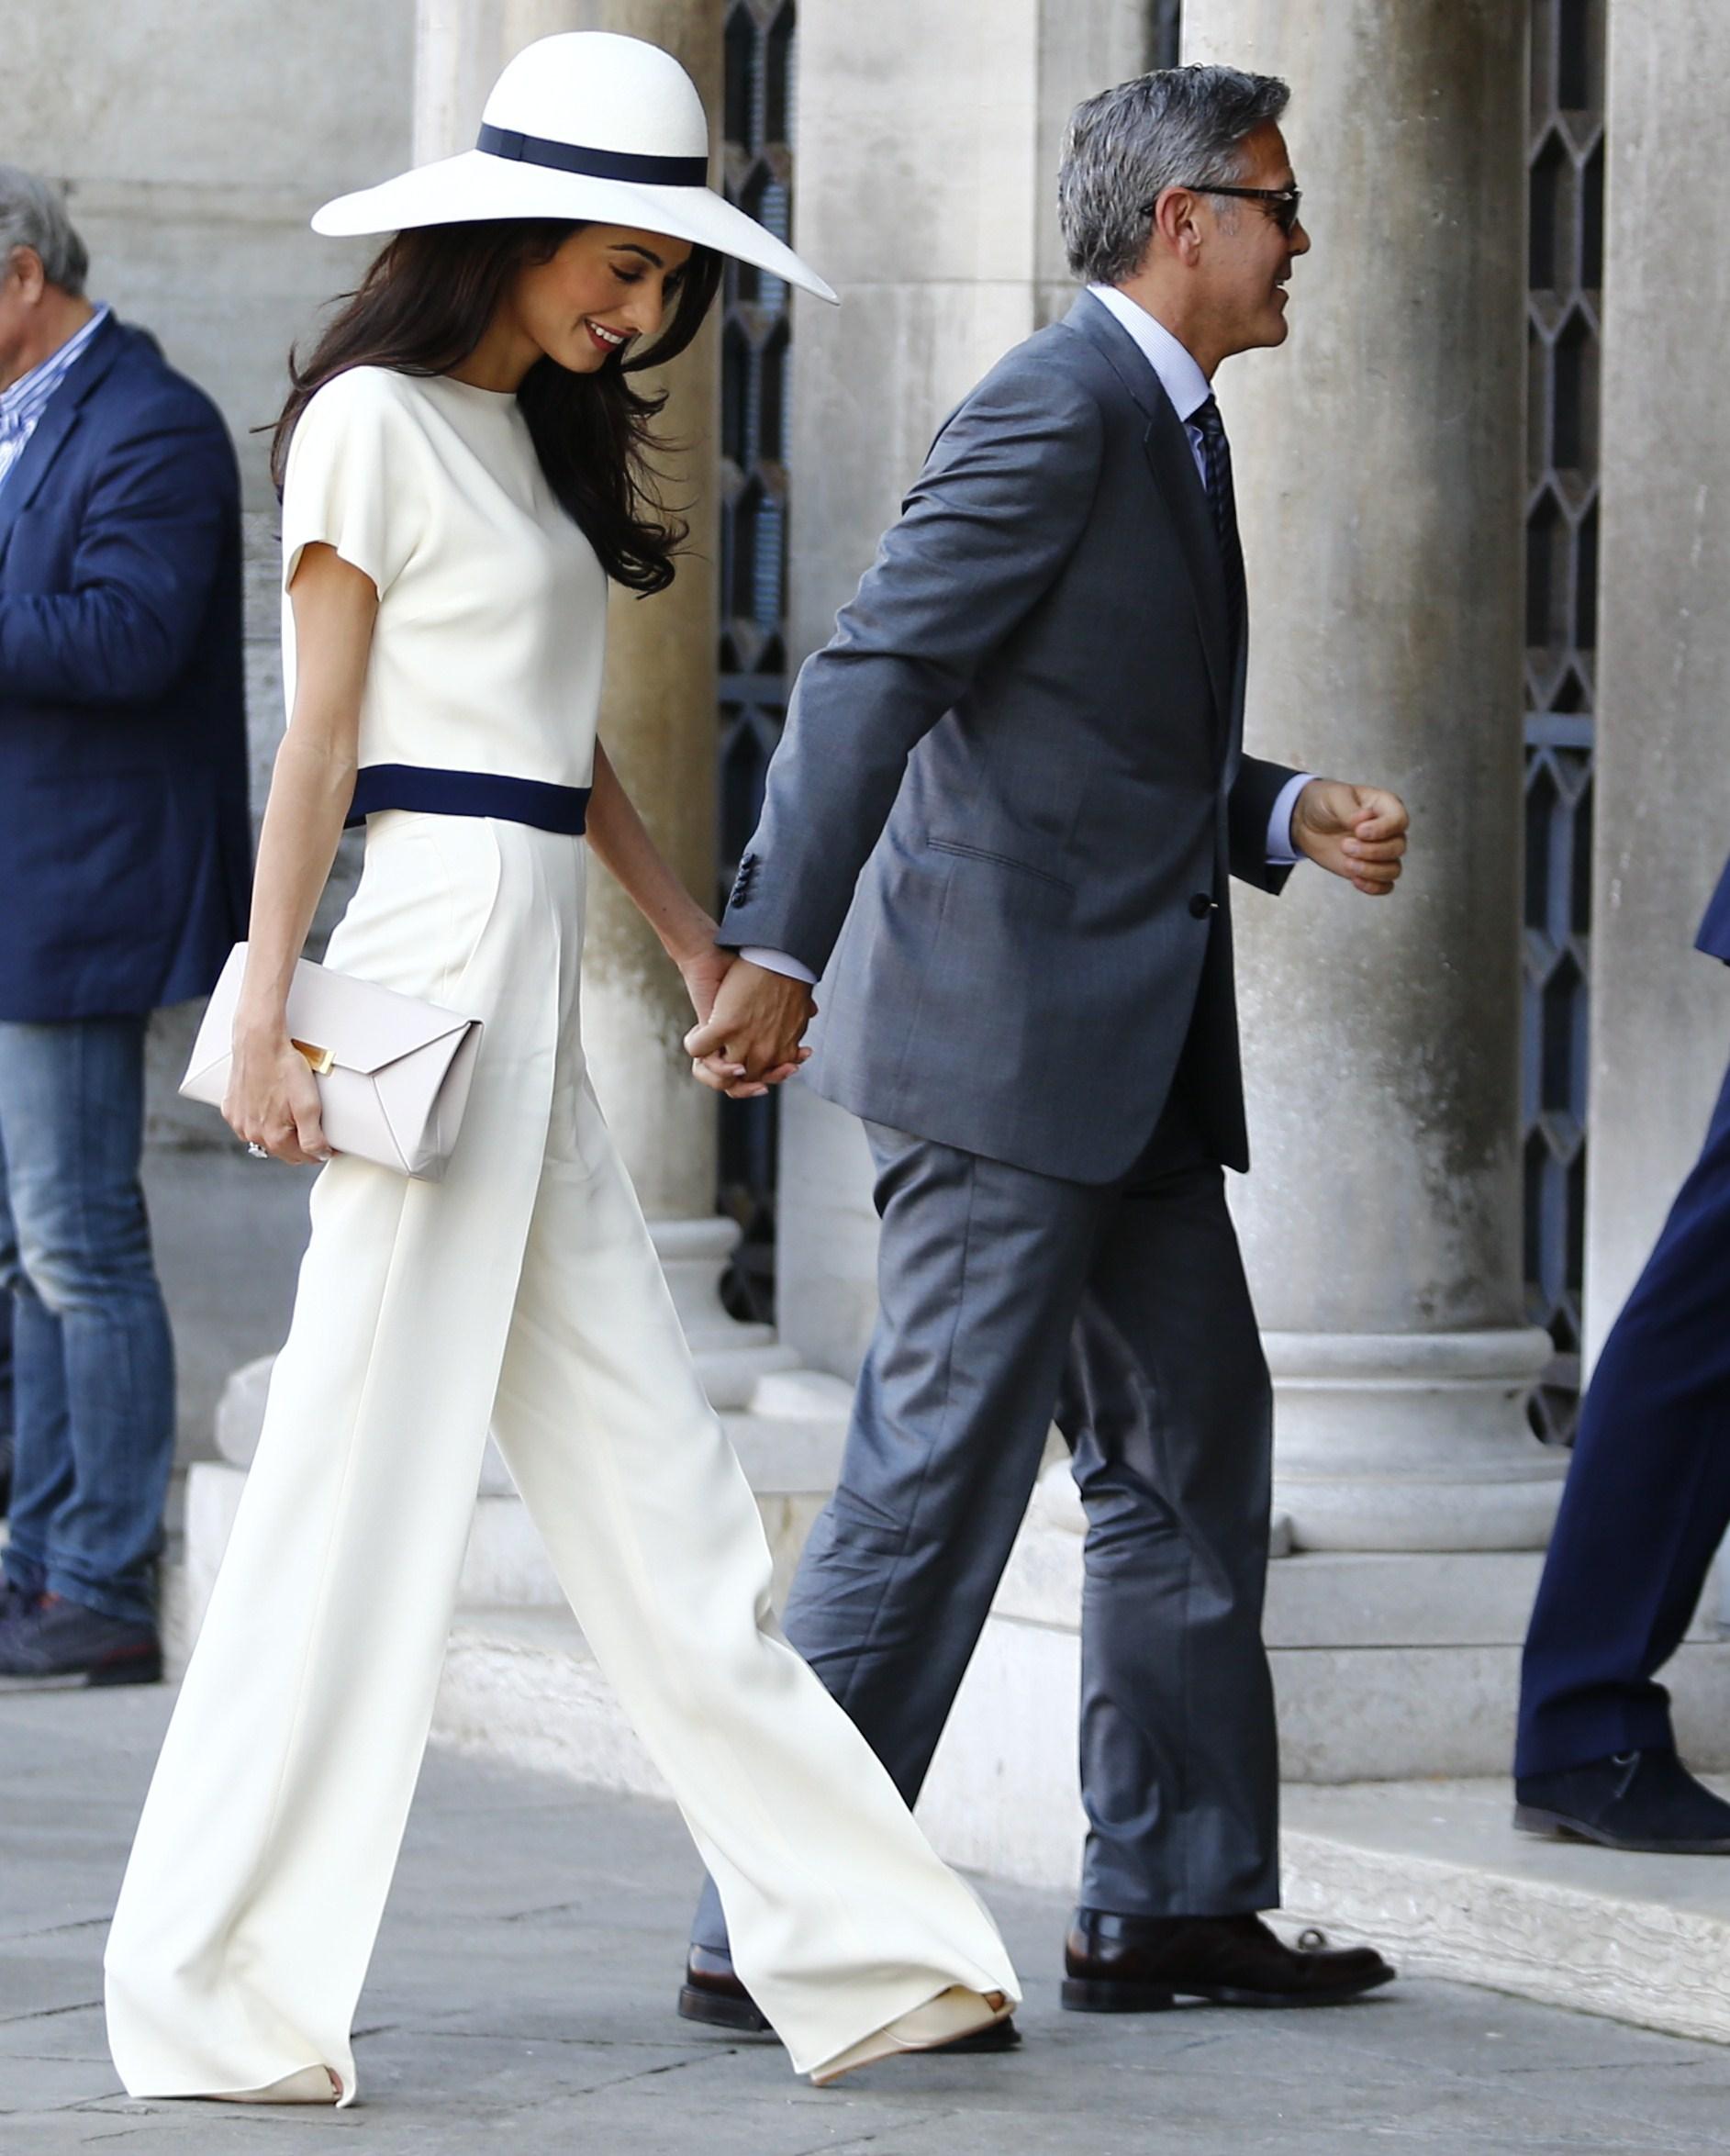 matrimonio di George Clooney e Amal